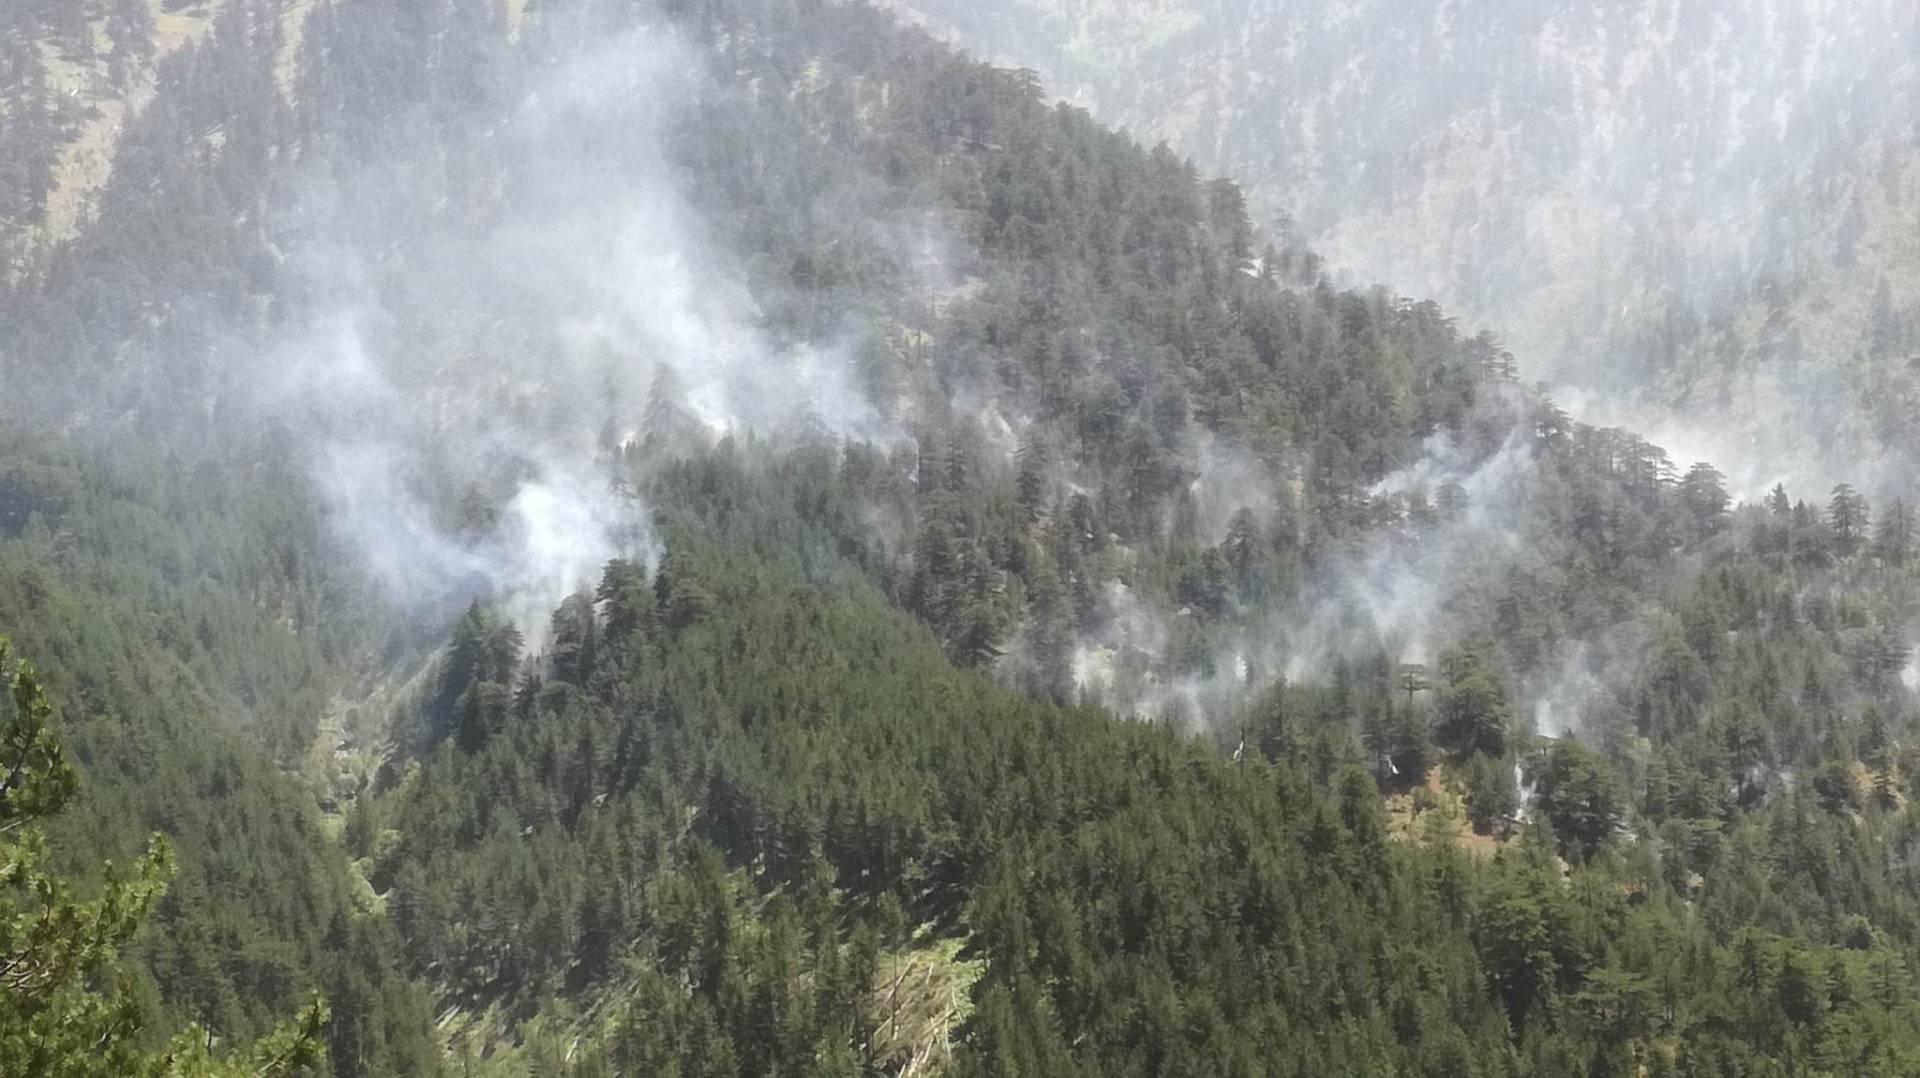 Συνεχίζεται η επιχείρηση κατάσβεσης σε δασική έκταση, κάτω απ την κορυφή της Γομάρας στην περιοχή της Σαμαρίνας- Τι λέει ο Αντιπεριφερειάρχης Γρεβενών (Βίντεο & Φωτογραφίες)